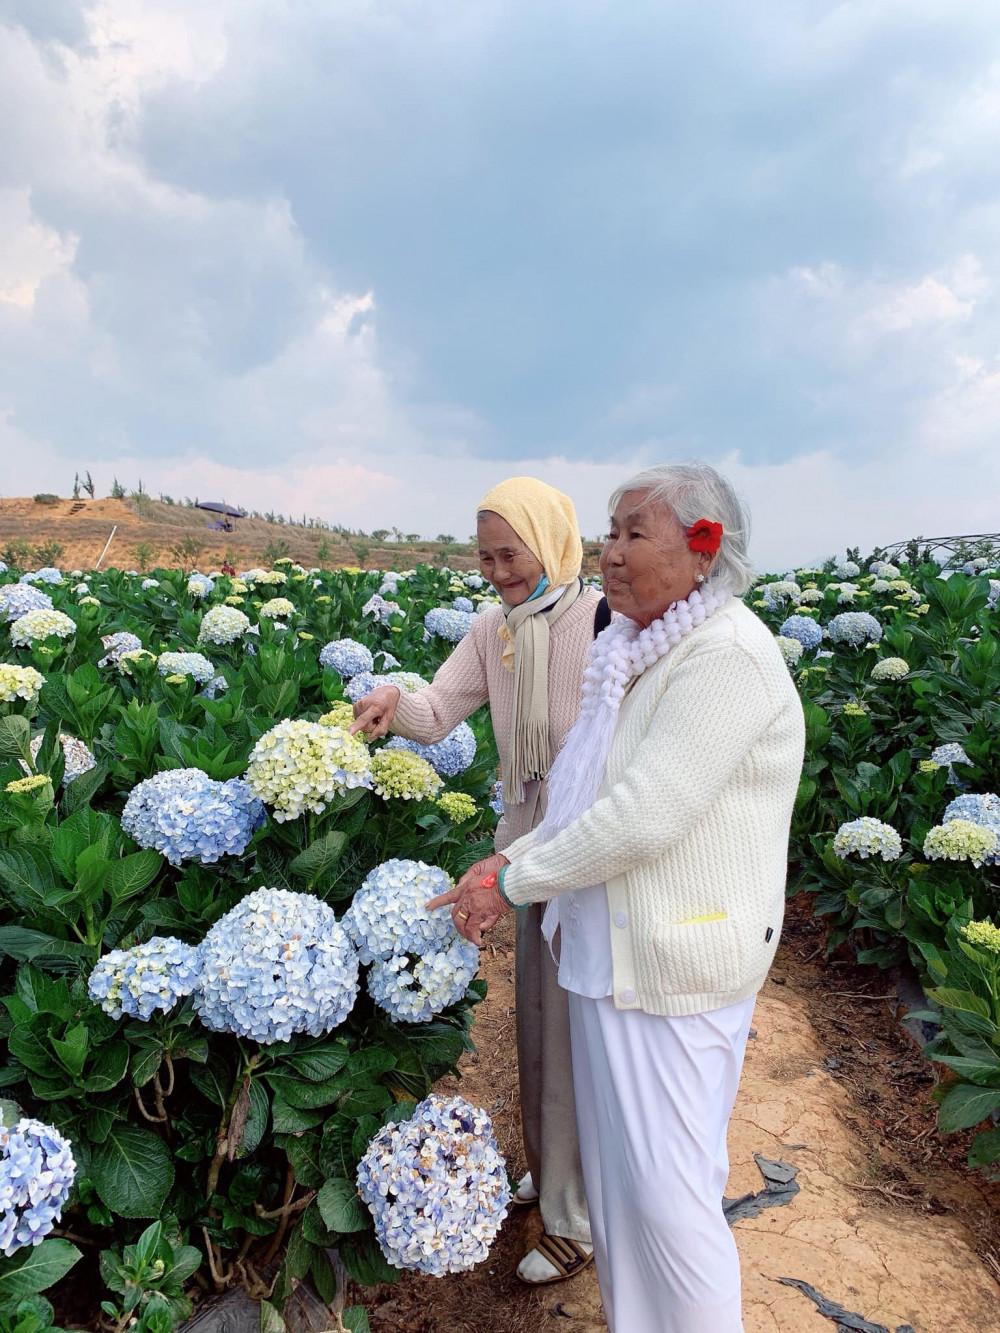 Bộ ảnh hai cụ bà đắt tay nhau đi du lịch Đà Lạt gây sốt cộng đồng mạng vì quá đáng yêu. Ảnh: Internet